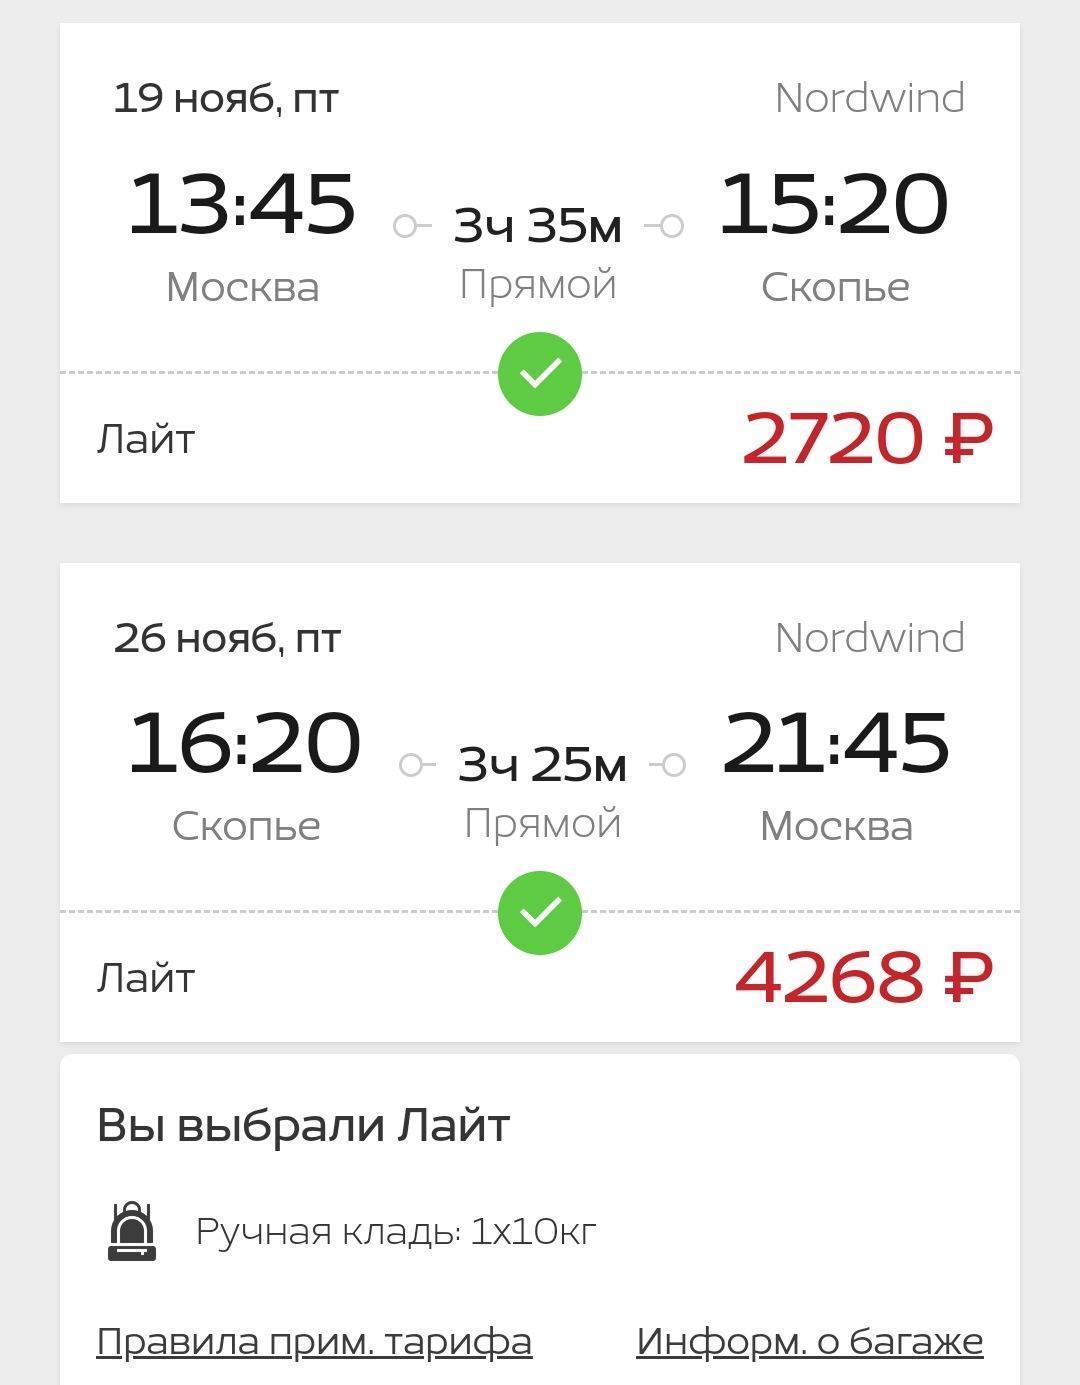 Теперь отличная цена! С Nordwind в Македонию из Москвы от 6900₽ туда-обратно